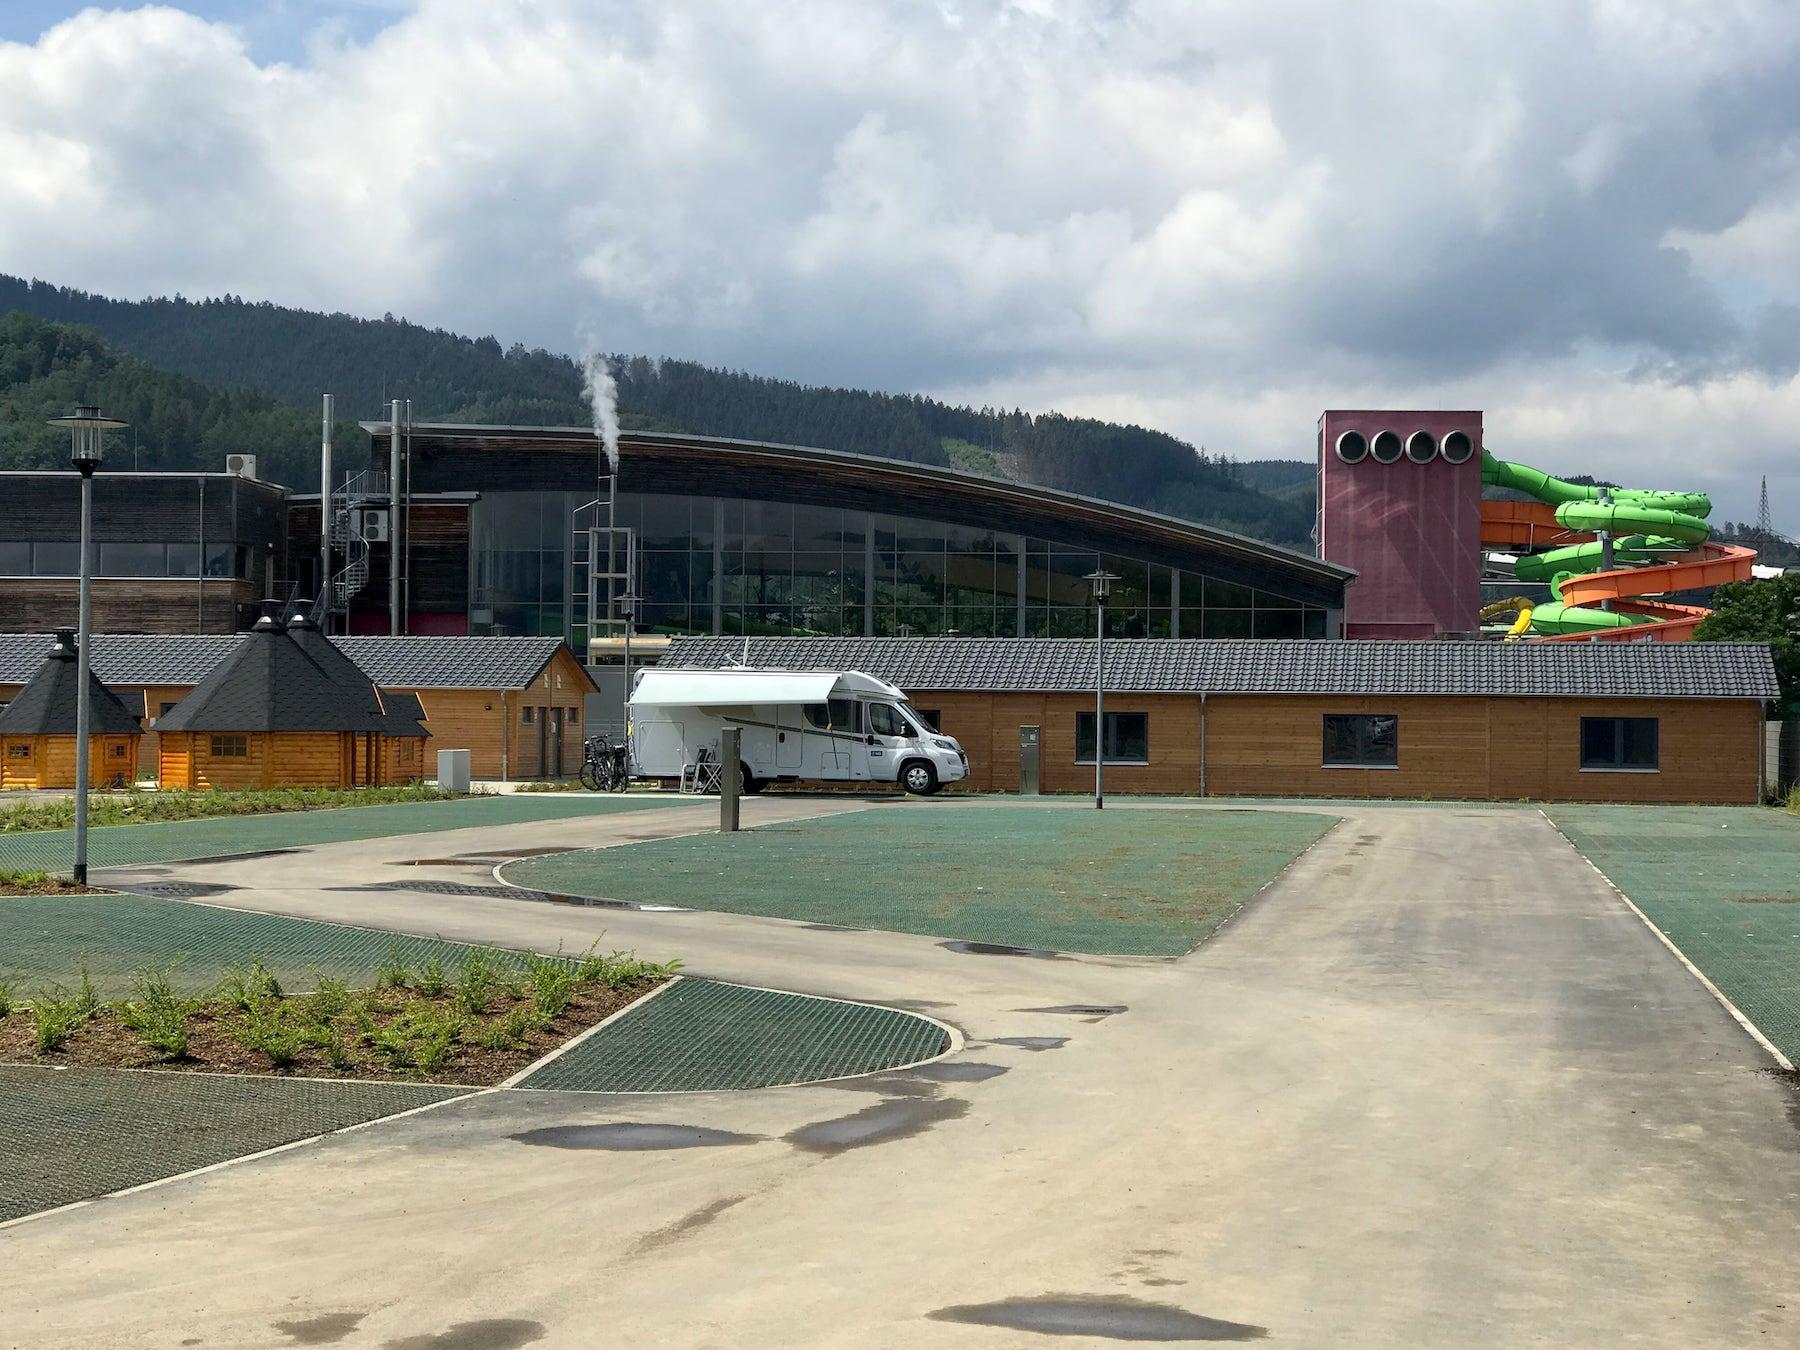 Camping, Ferienwohnung und Klassenfahrten zum AquaMagis in Plettenberg NRW